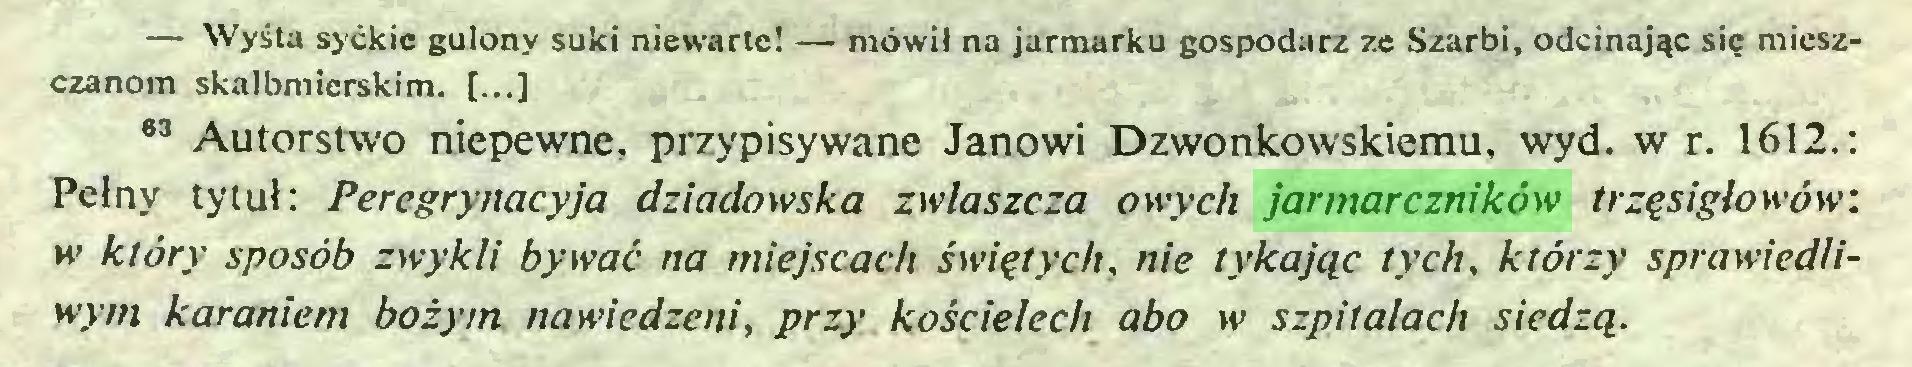 (...) — Wyśta syćkie gulony suki niewarte! — mówił na jarmarku gospodarz ze Szarbi, odcinając się mieszczanom skalbmierskim. [...] 83 Autorstwo niepewne, przypisywane Janowi Dzwonkowskiemu, wyd. w r. 1612.: Pełny tytuł: Peregrynacyja dziadowska zwłaszcza owych jarmarczników trzęsiglowów: w' który sposób zwykli bywać na miejscach świętych, nie tykając tych, którzy sprawiedliwym karaniem bożym nawiedzeni, przy kościelech abo w> szpitalach siedzą...